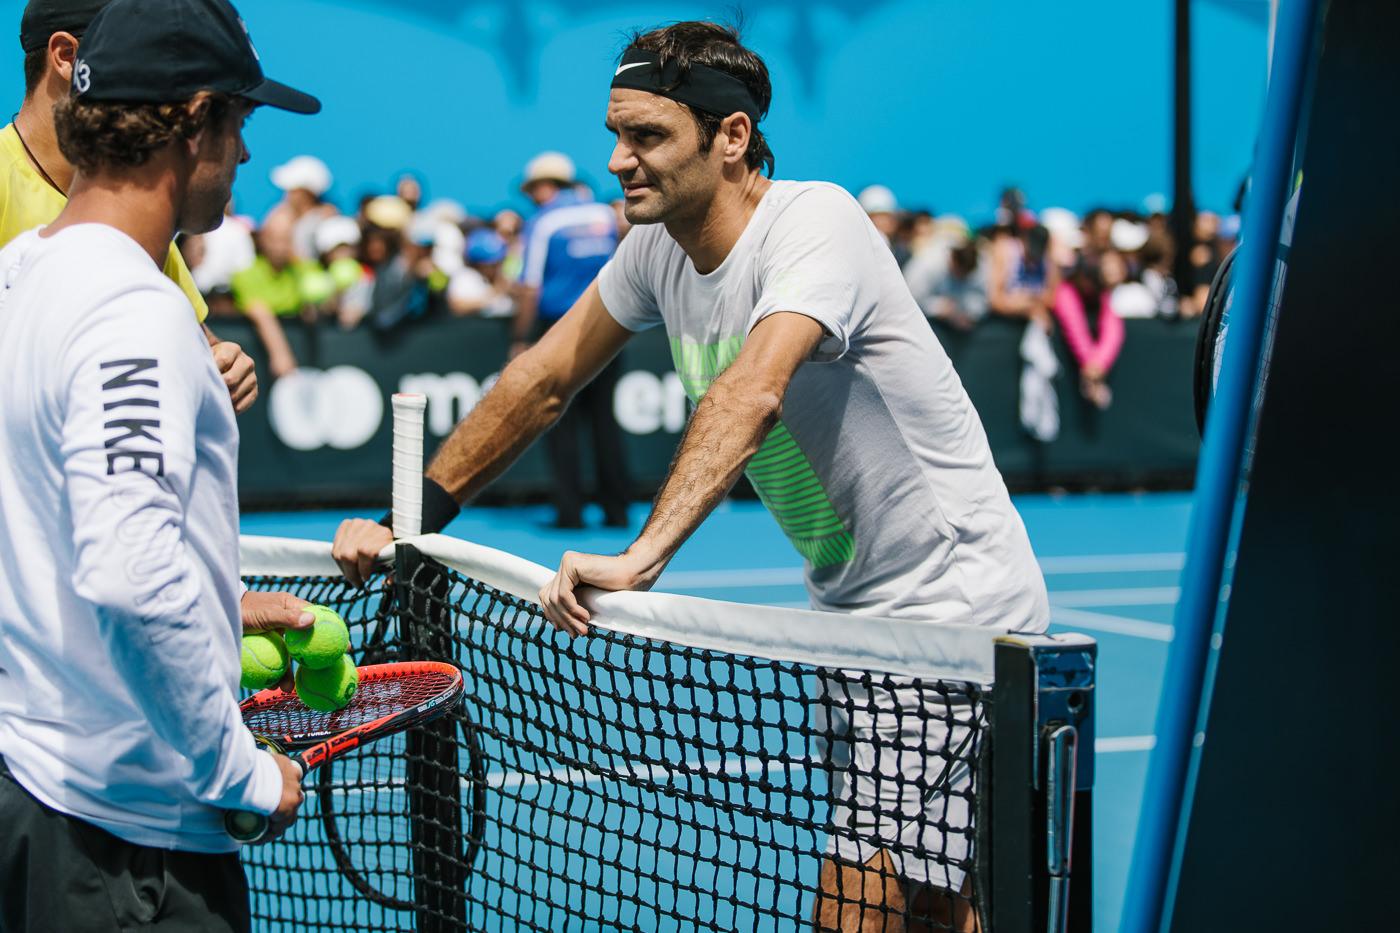 Australian Open 2019 - Tips - Roger Federer